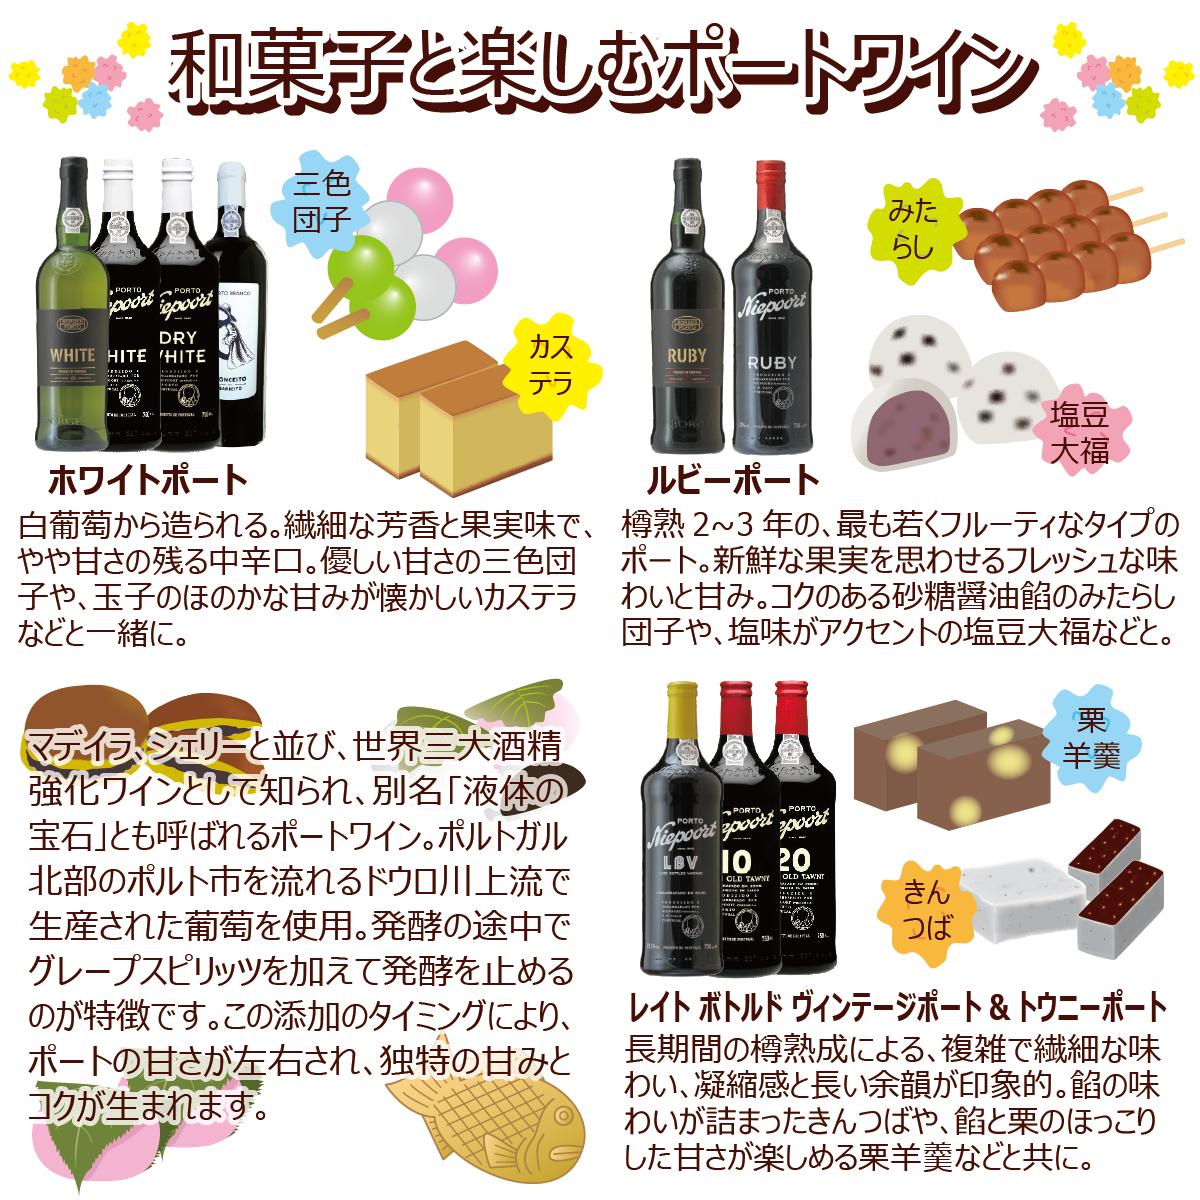 和菓子と楽しむポートワイン